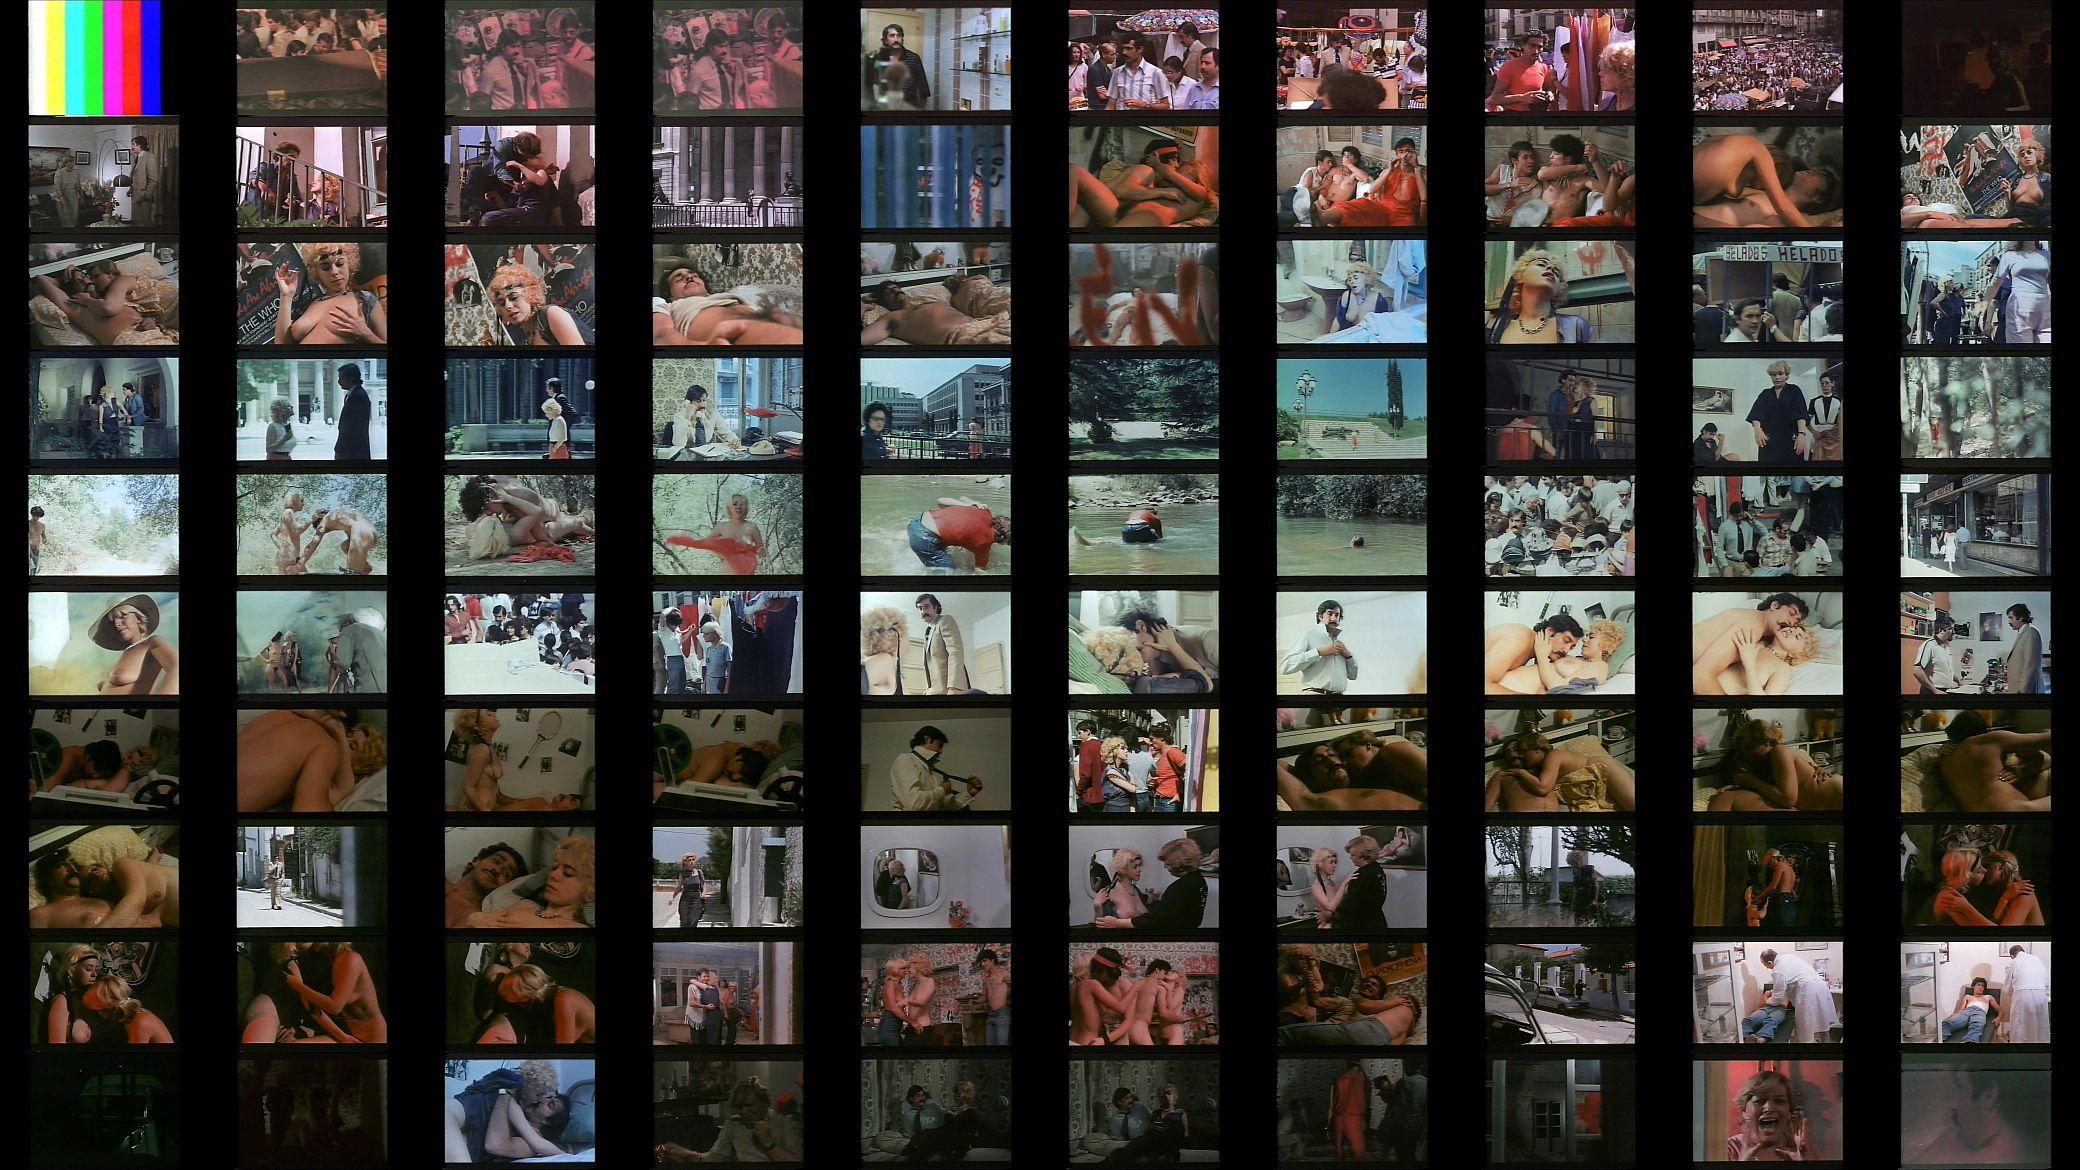 Aberraciones Xexuales En Carceles Porno aberraciones sexuales de un diputado (1982) - xvideos